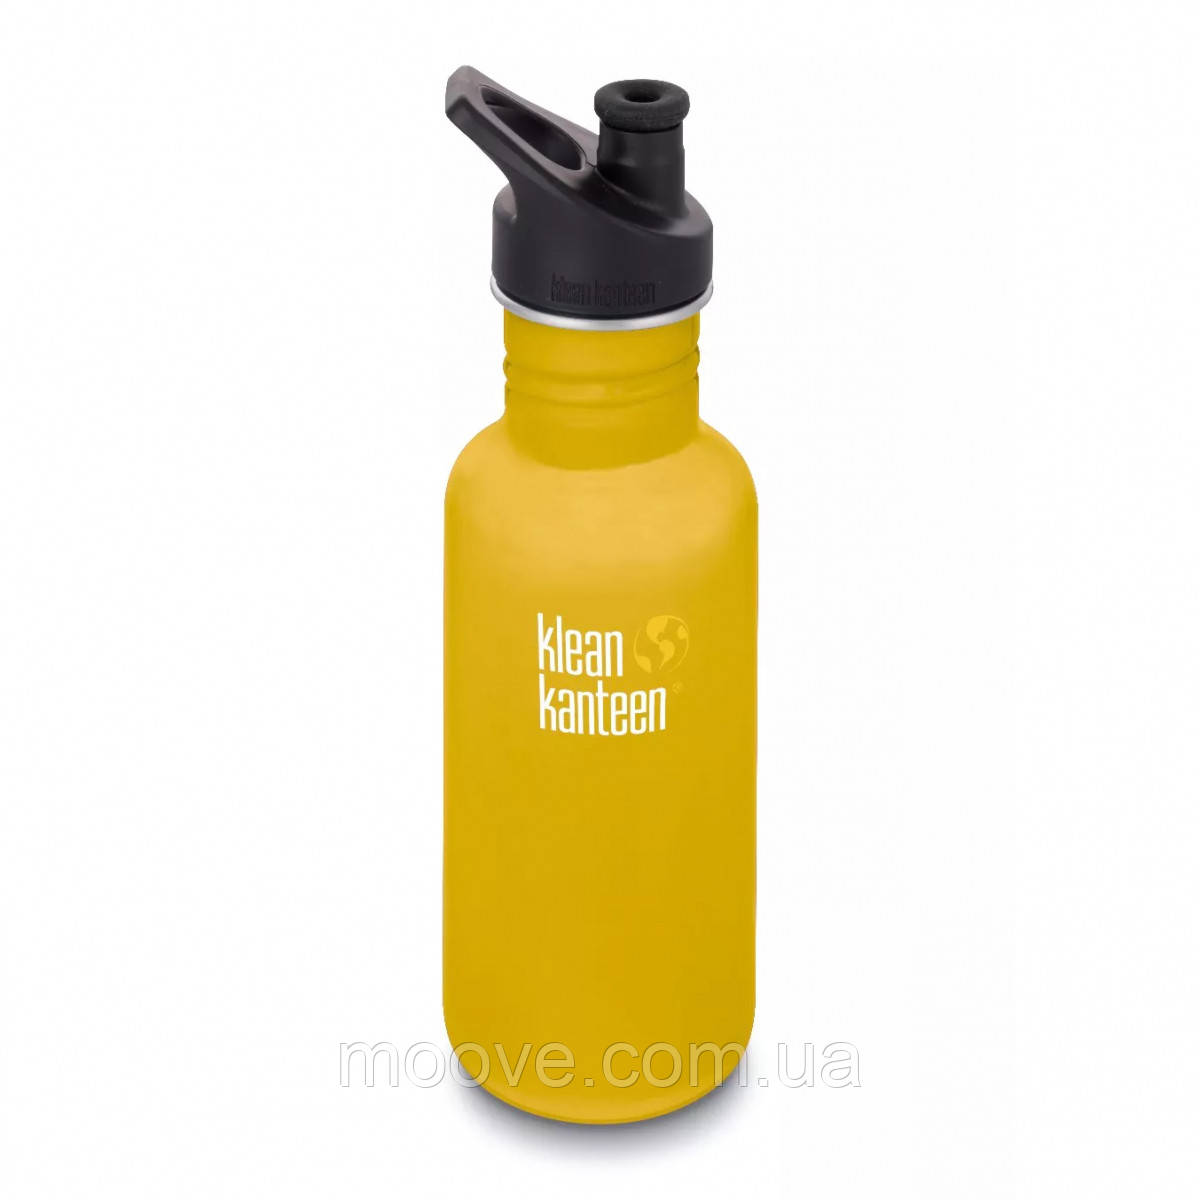 Klean Kanteen Classic Sport Cap Lemon Curry Matt 532 мл